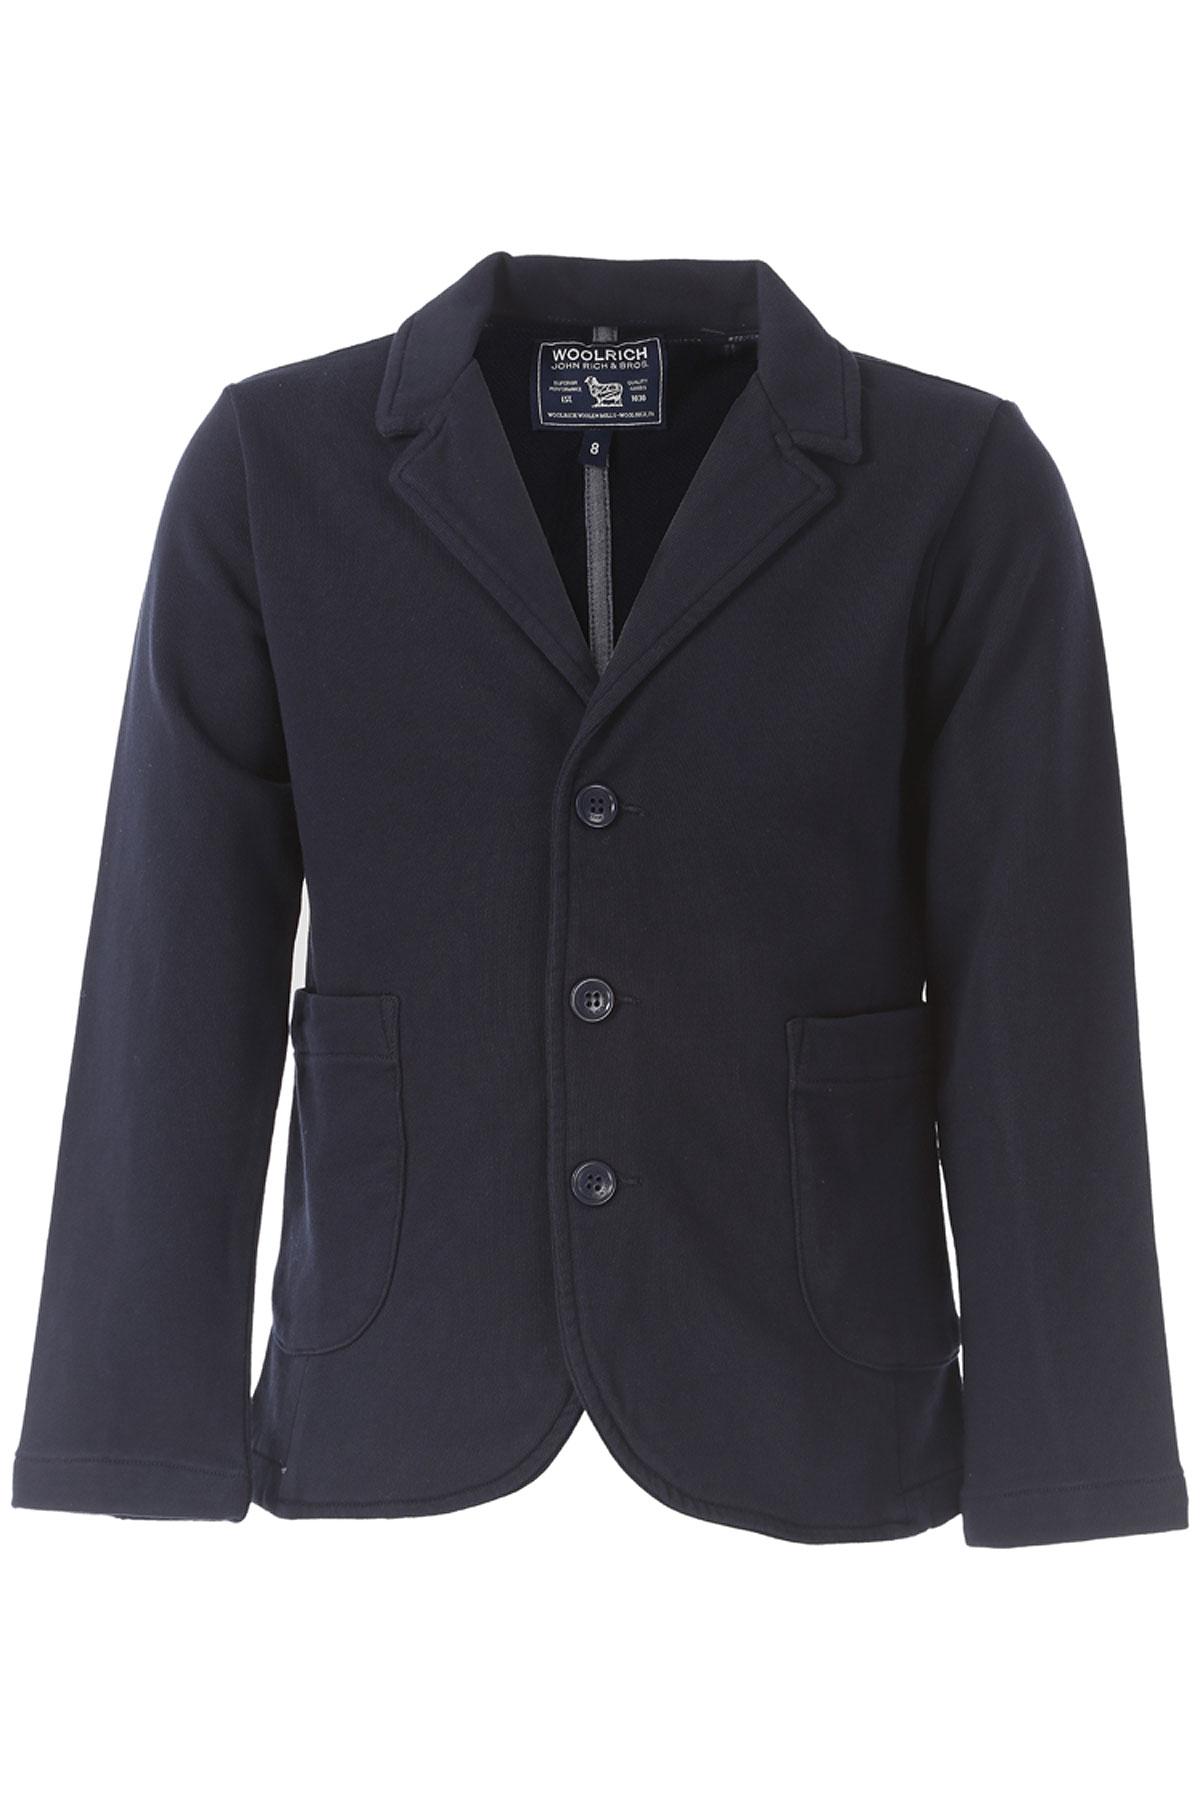 Woolrich Blazer pour Garçon Pas cher en Soldes Outlet, Blue encre, Coton, 2017, 10Y 14Y